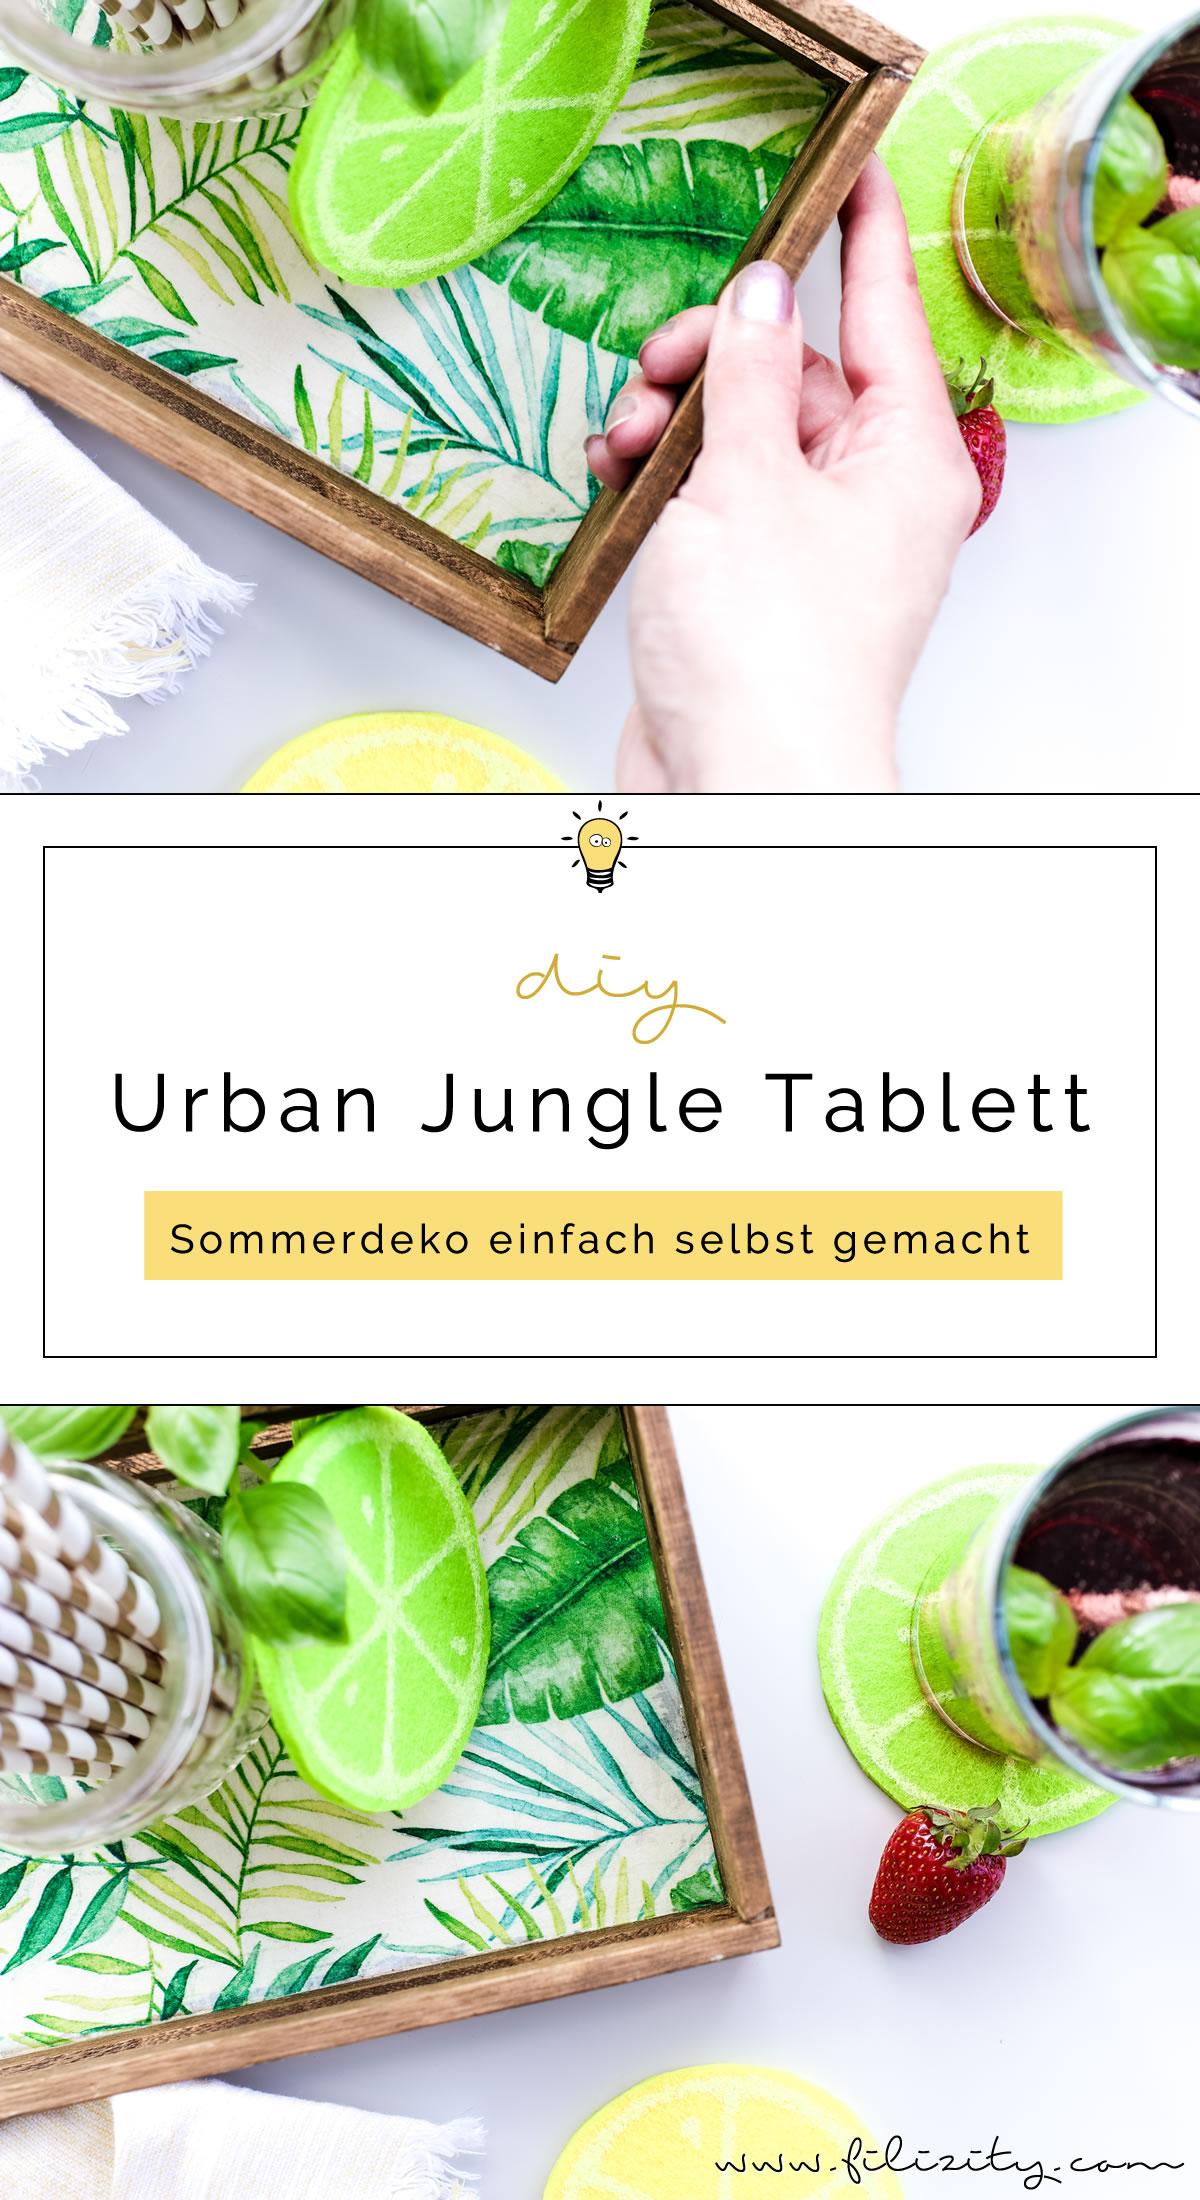 DIY Holz-Tablett im Urban Jungle Style basteln mit Serviettentechnik | Tolle Sommer-Deko für Gartenpartys & Co. | Filizity.com | DIY-Blogger aus dem Rheinland #urbanjungle #sommer